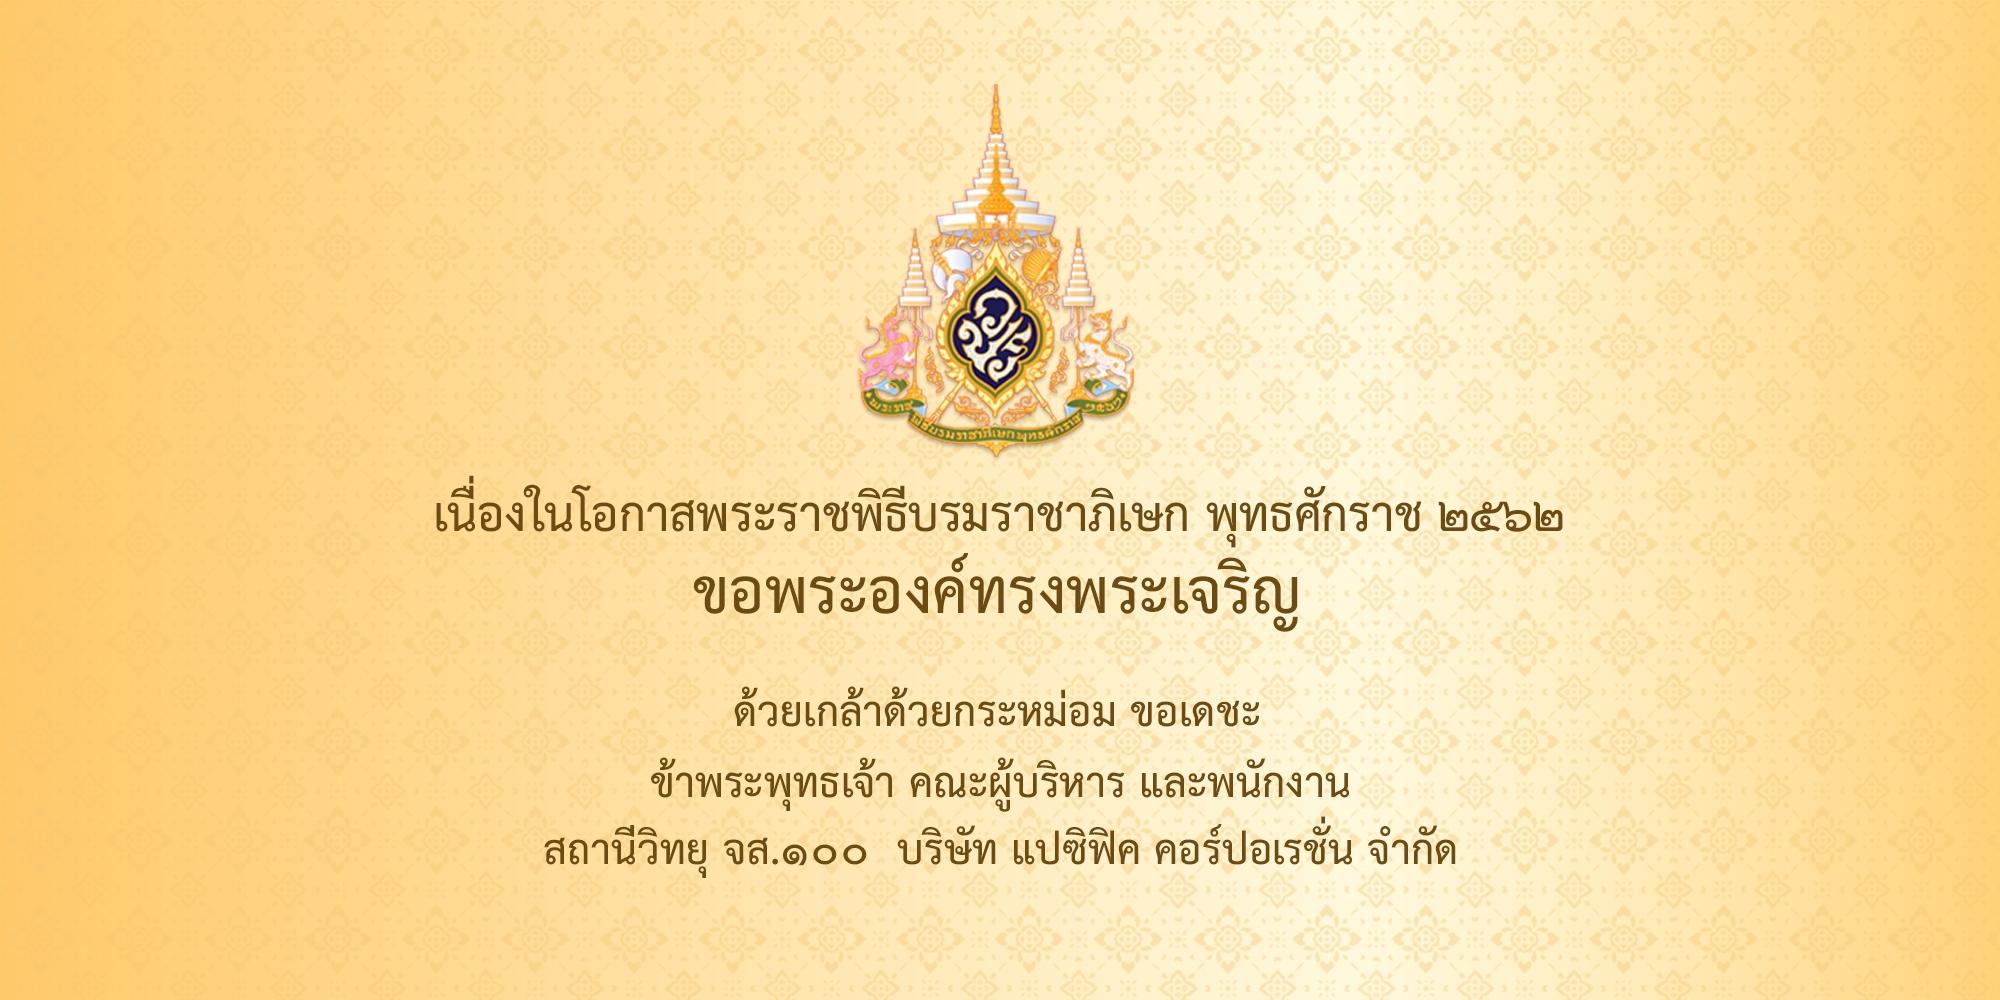 พระราชพิธีบรมราชาภิเษก 2562